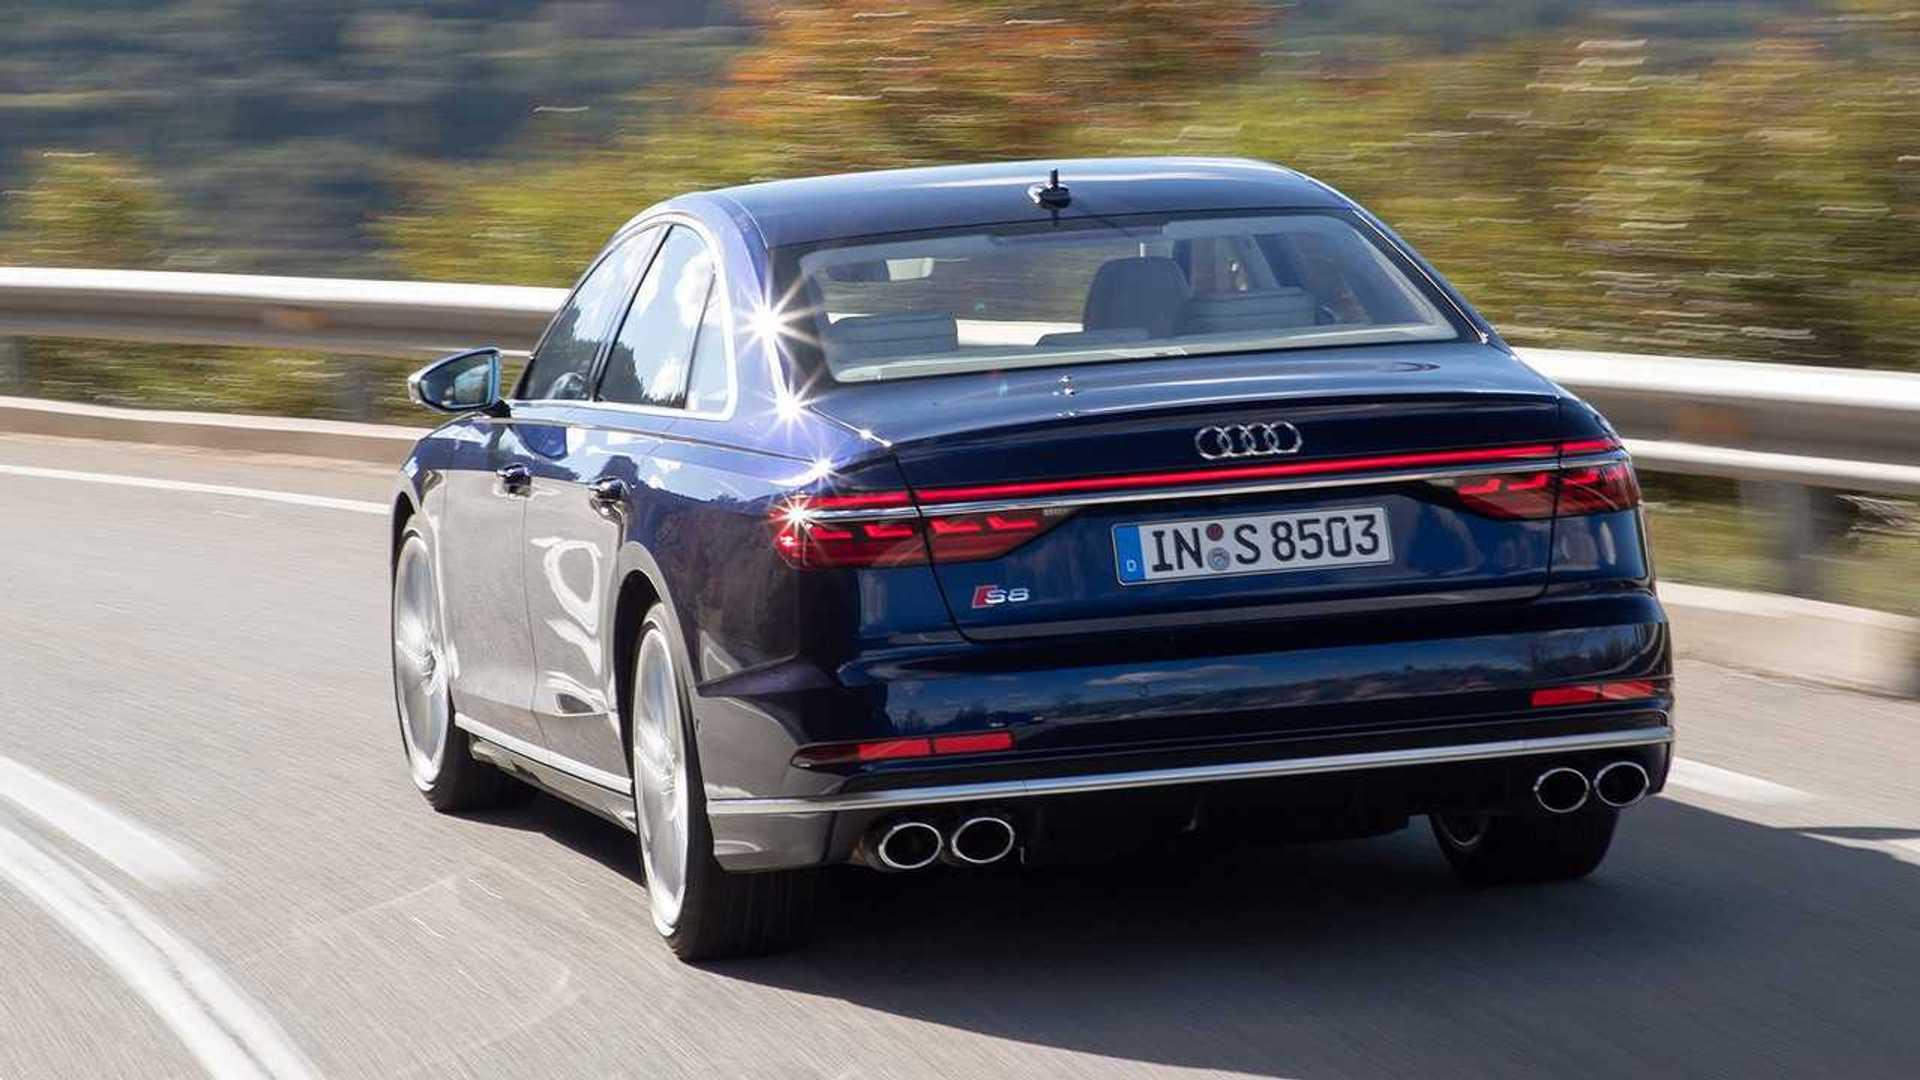 Kelebihan Kekurangan Audi S8 2019 Harga